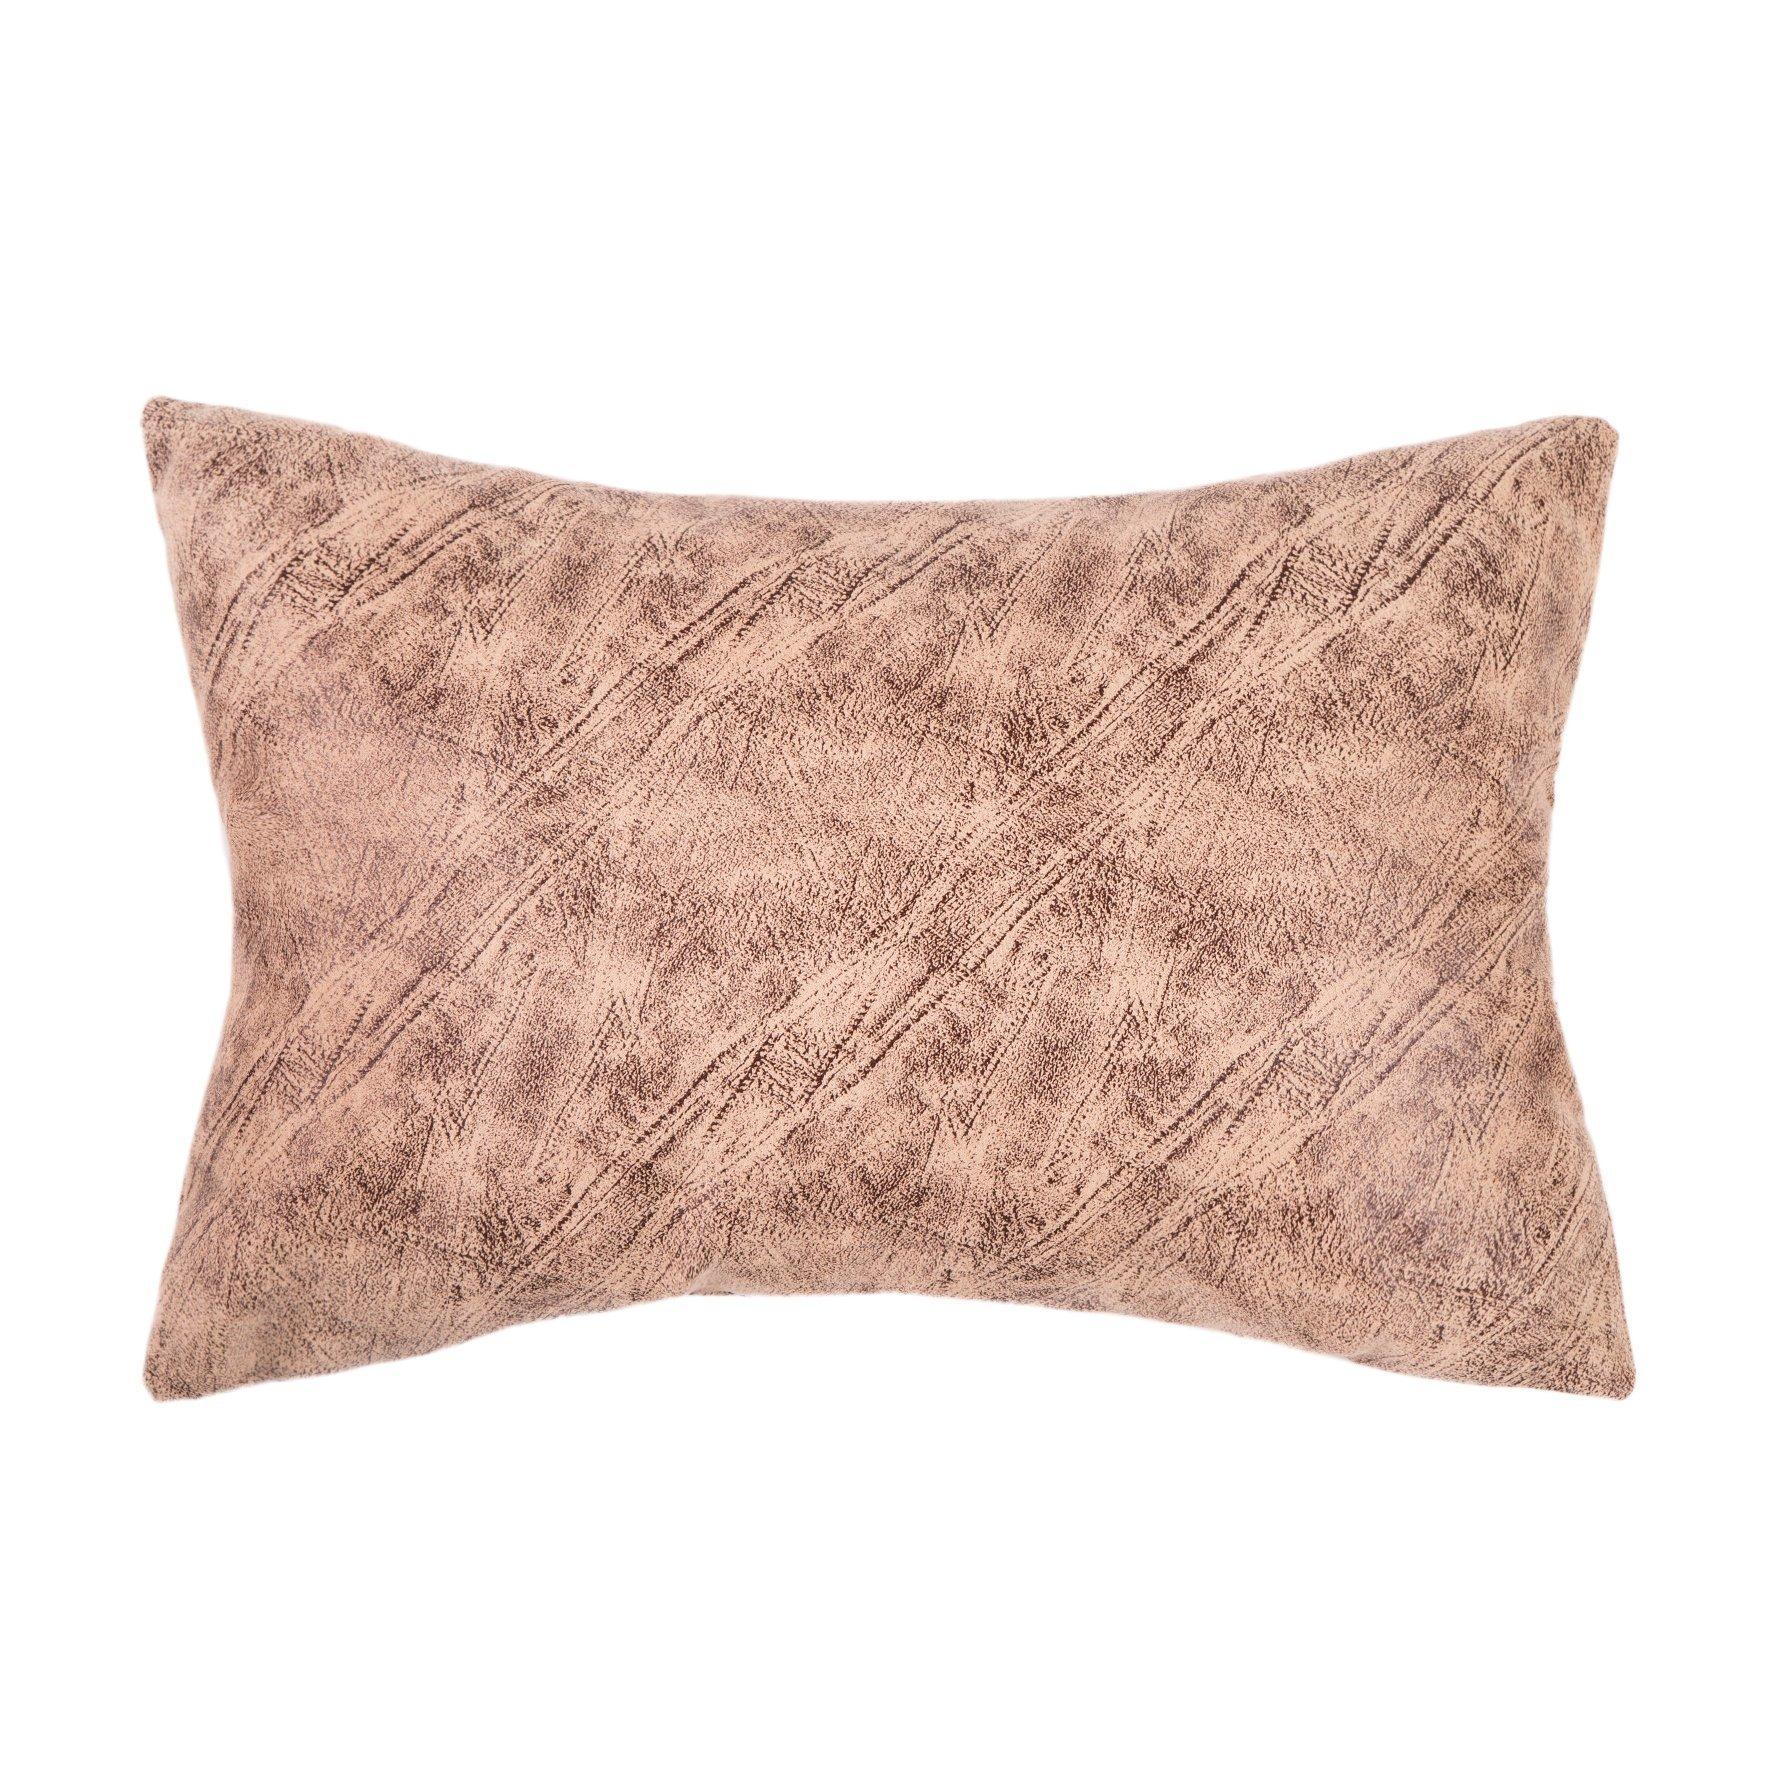 Подушка ВенецияПрямоугольные подушки и наволочки<br>Декоративная подушка &amp;quot;Венеция&amp;quot; станет ярким акцентом в вашем интерьере. Высококачественный материал приятен для кожи и безопасен даже для самой чувствительной кожи.  Оригинальный дизайнерский принт сделает пространство стильным и своеобразным.  Красивый рисунок на ткани станет ярким акцентом в вашем декоре.<br><br>Material: Текстиль<br>Ширина см: 60<br>Высота см: 40<br>Глубина см: 10